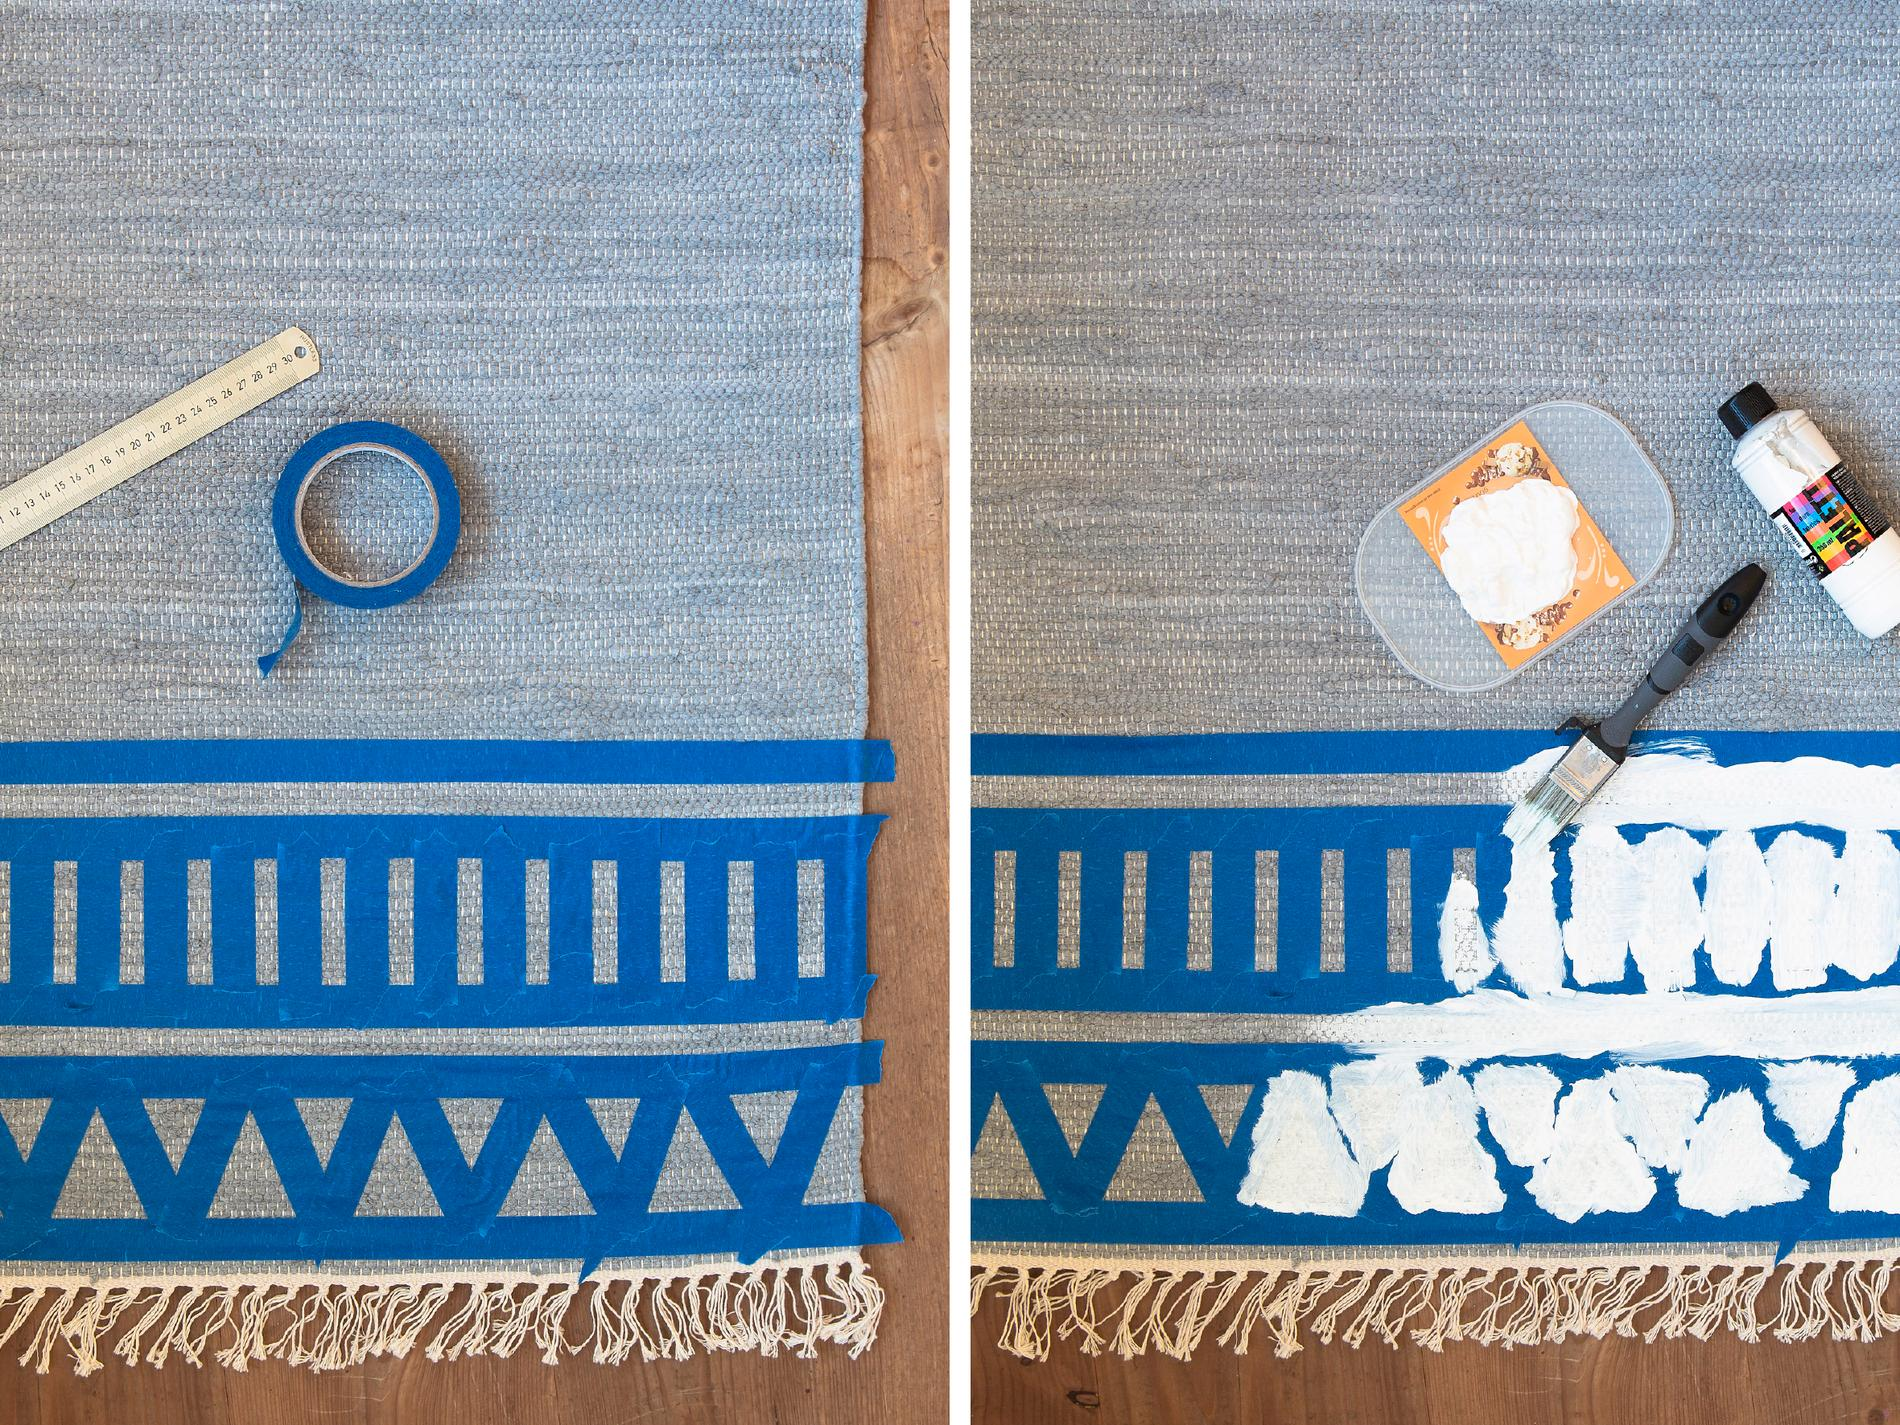 Bild 1 och 2.